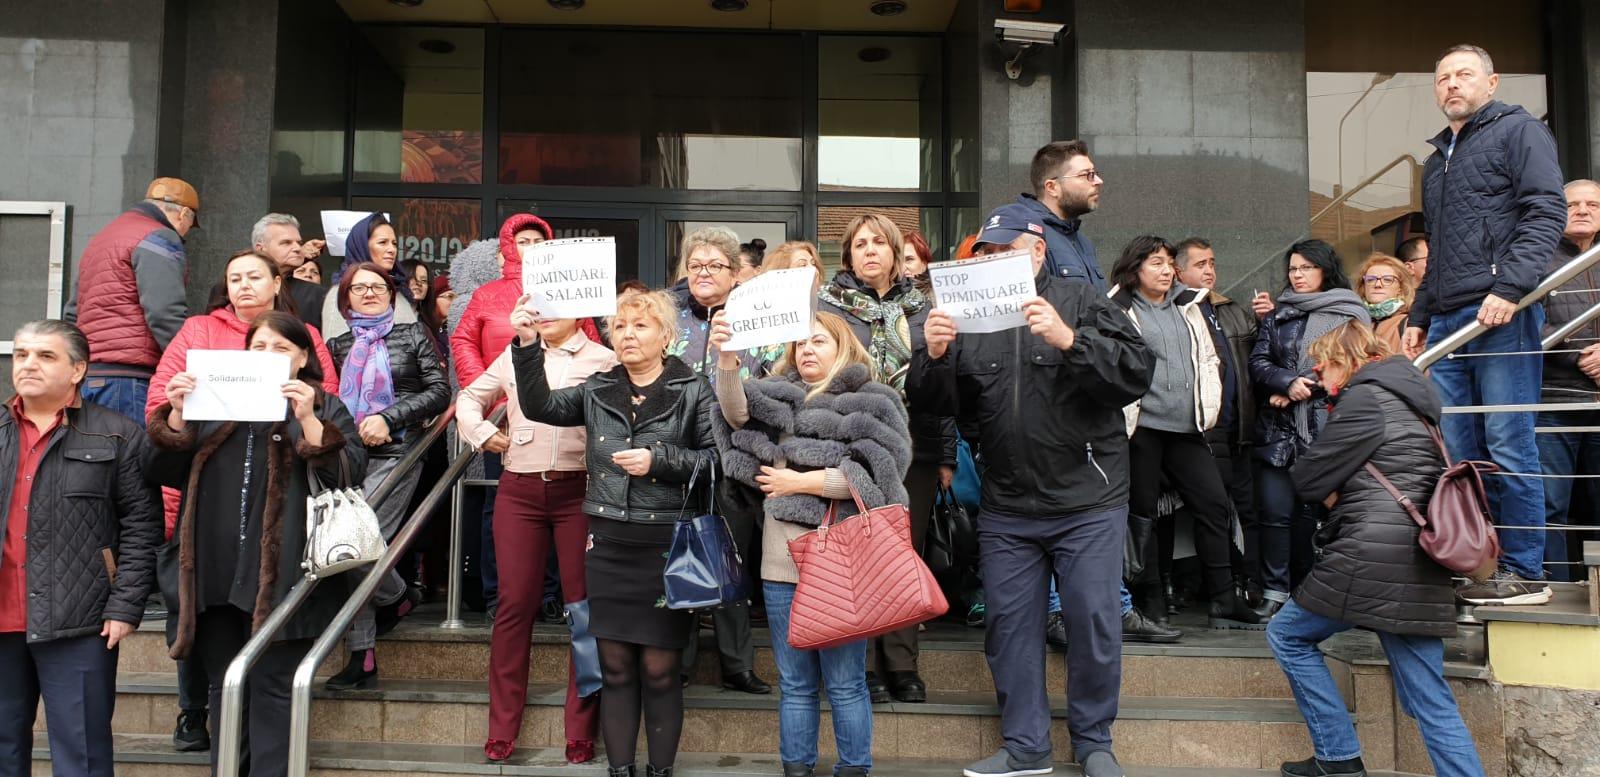 """Bugetarii din România se pregătesc de proteste. Sindicatul Liber Finanțe Constanta a anunțat, joi, că se solidarizează și susține acțiunile sindicatelor din Poliția Română și din Poliția Penitenciară, afiliate la Federația PUBLISIND,  care, spun ei,  protestează pentru """"eliminarea inechităților salariale din sistemul public, pentru aplicarea legii-cadru privind salarizarea bugetarilor, pentru un salariu minim corelat cu creșterea preturilor de consum, precum și pentru condiții decente de  muncă."""